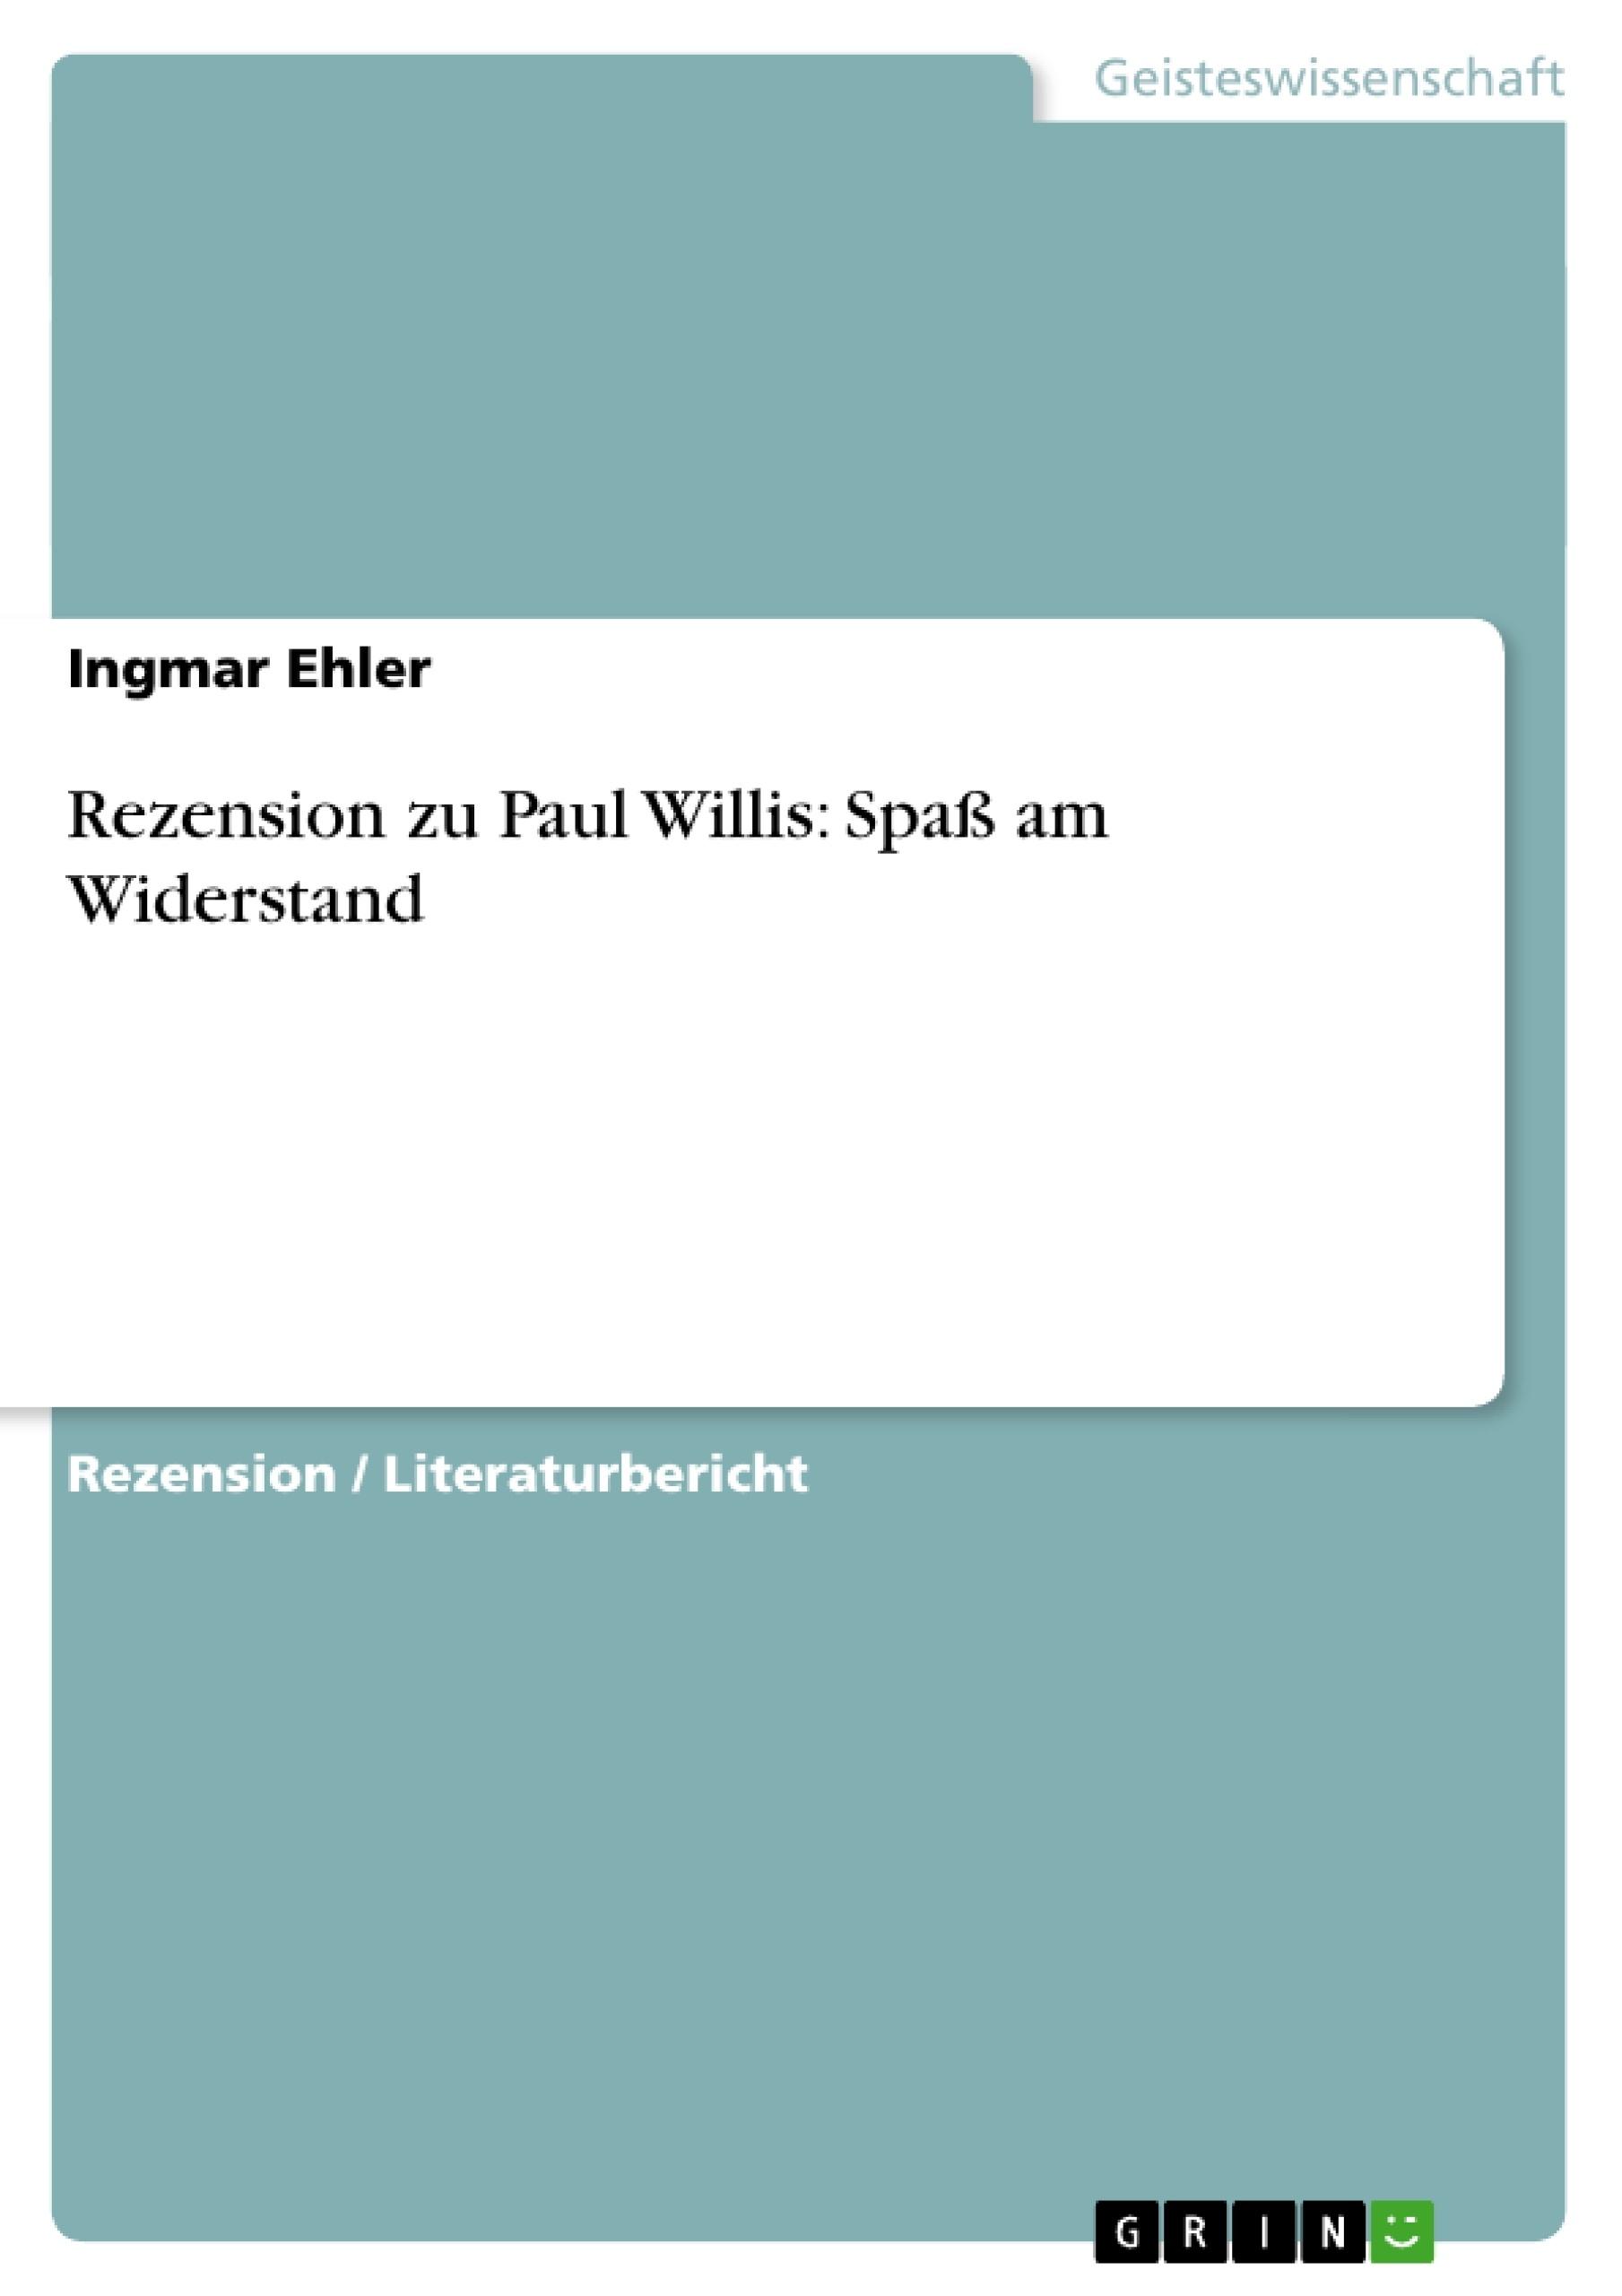 Titel: Rezension zu Paul Willis: Spaß am Widerstand